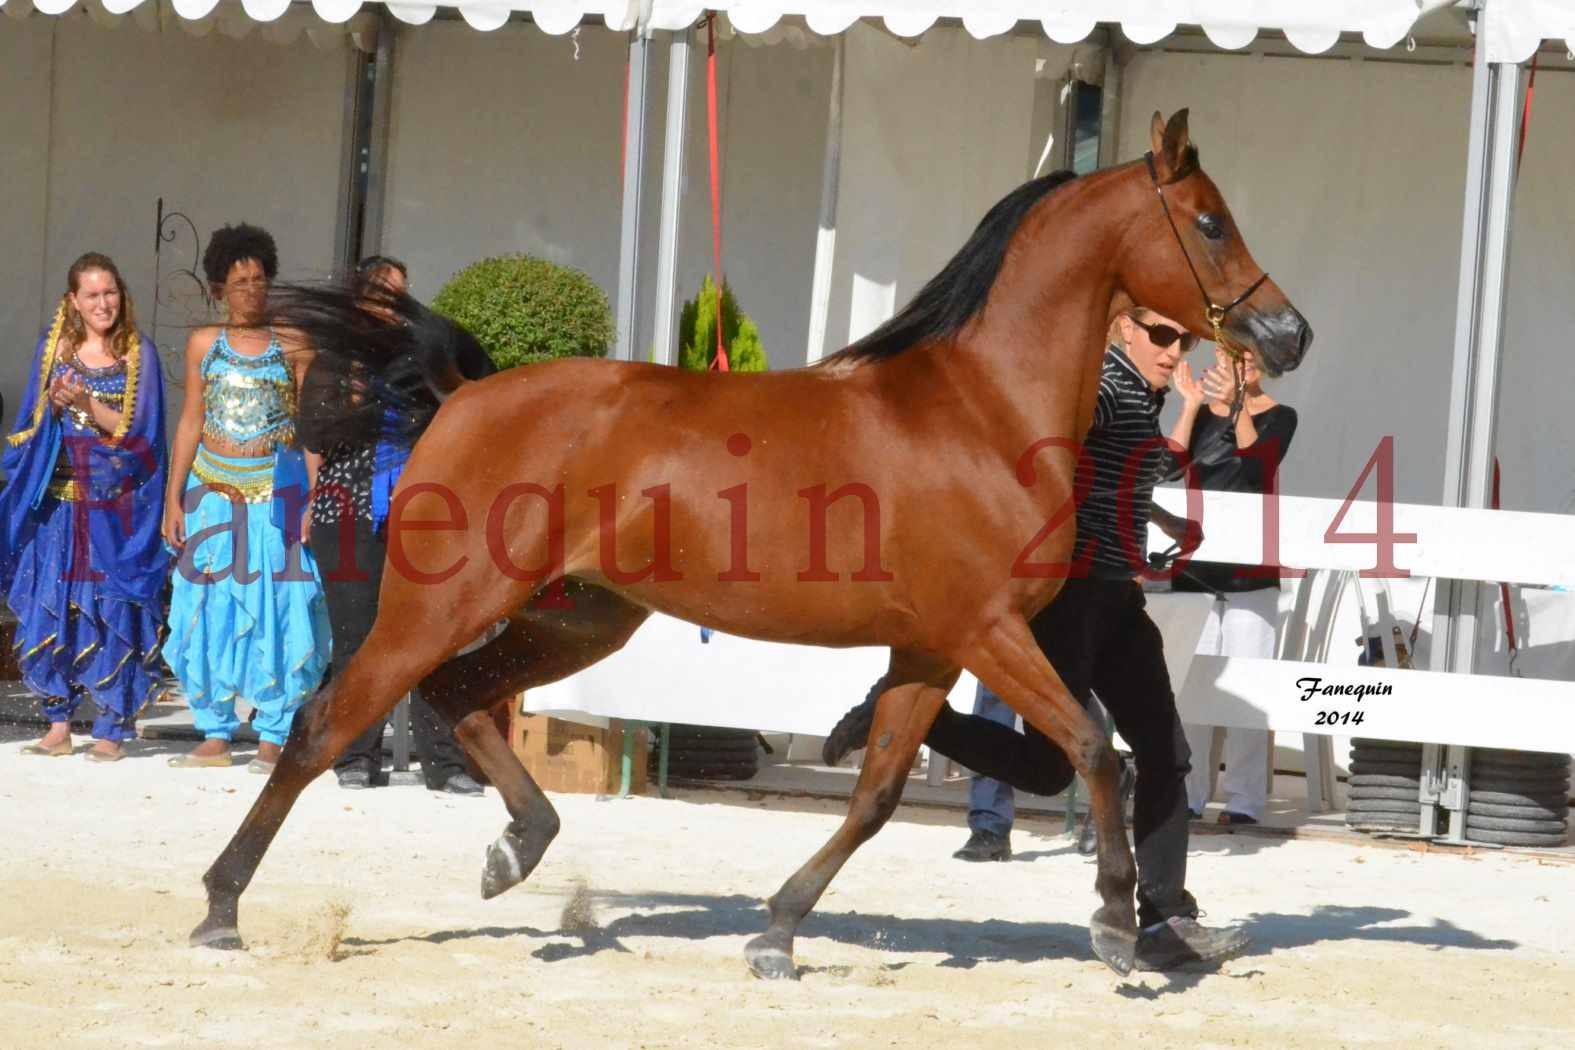 Concours National de Nîmes de chevaux ARABES 2014 - Notre Sélection - ABHA TALAWA - 1